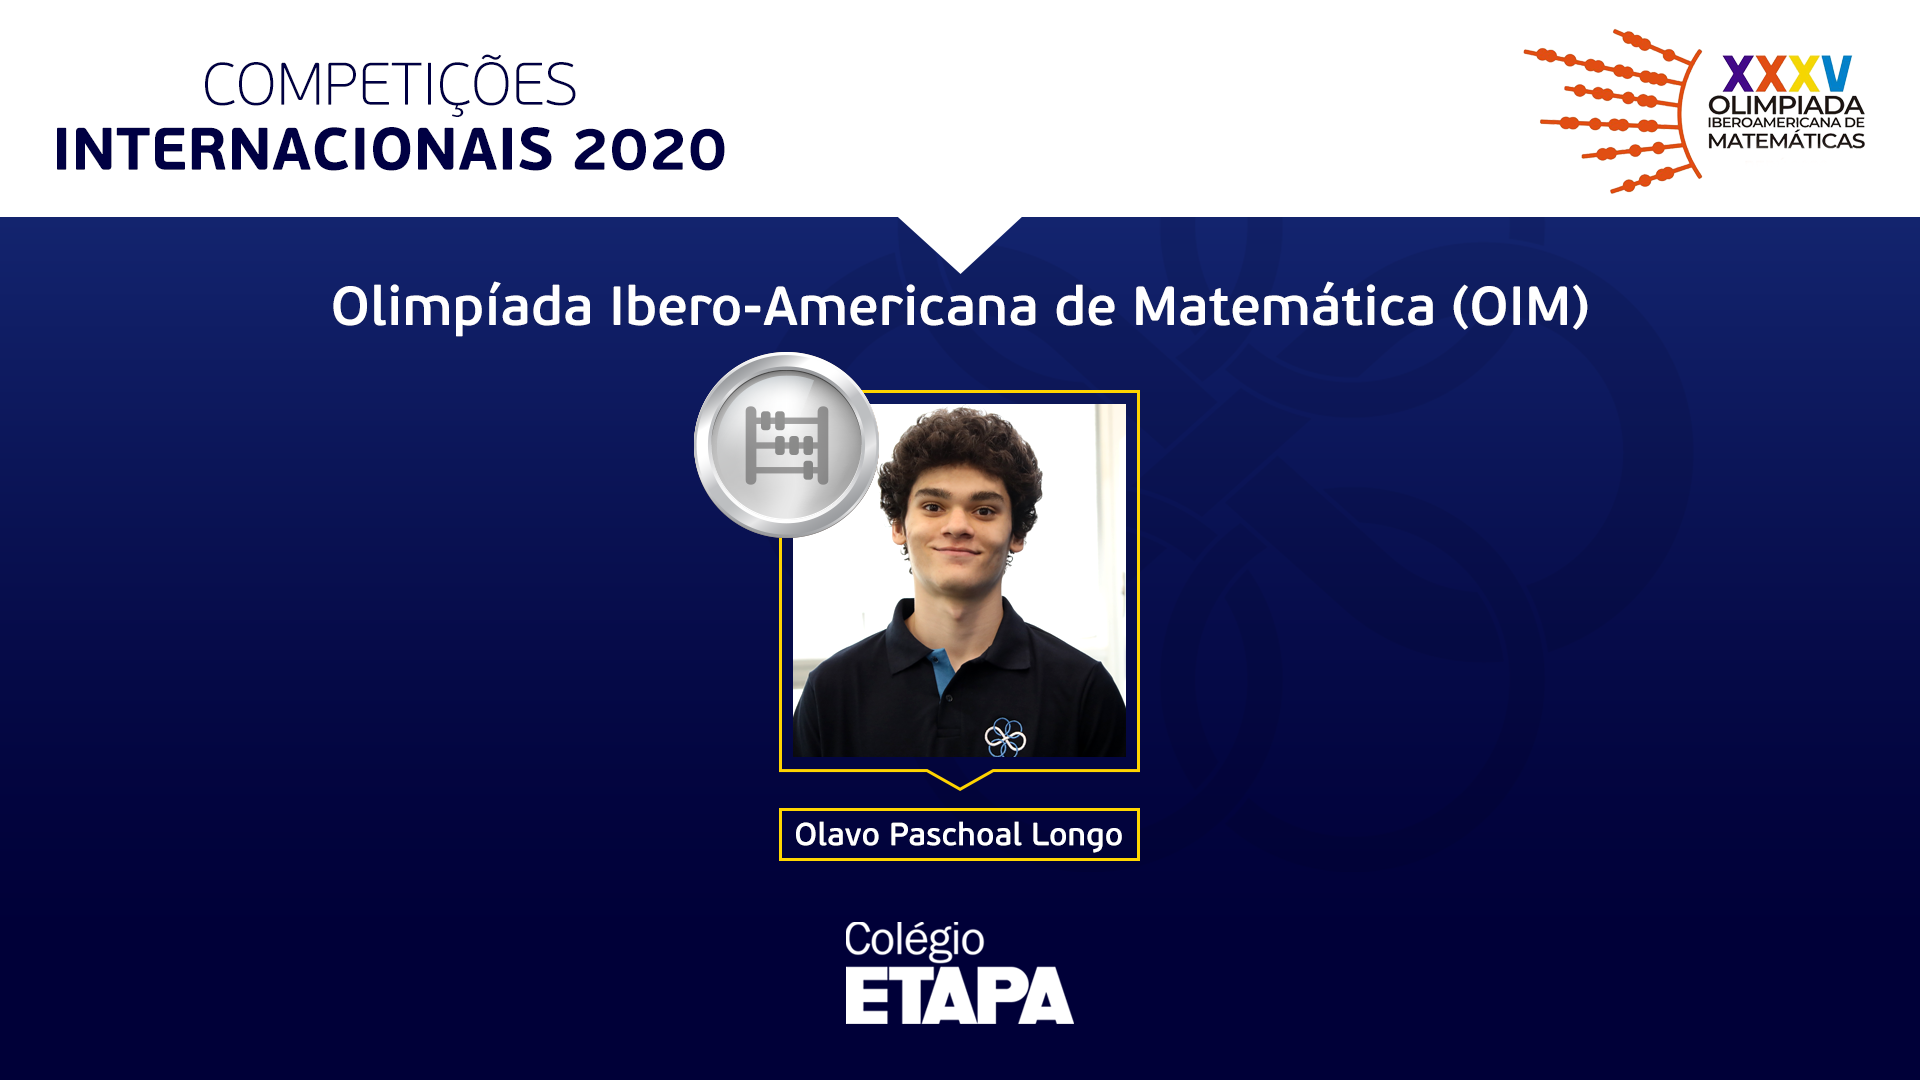 A Olimpíada Ibero-Americana de Matemática 2020 contou com a participação de 84 estudantes de 23 países.